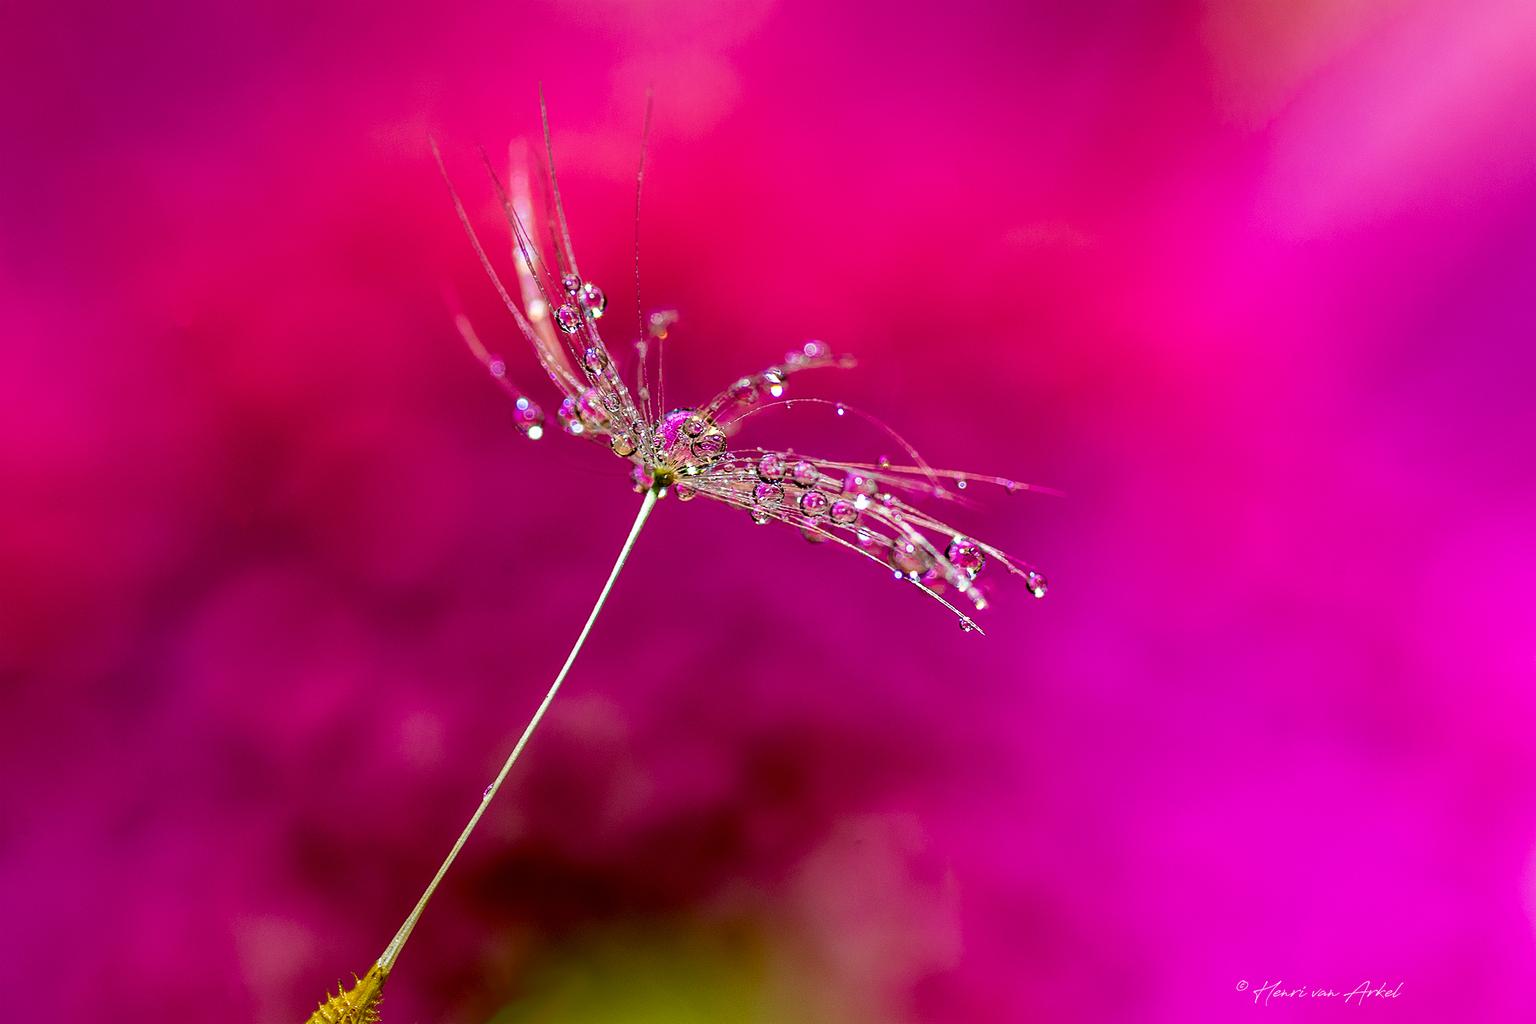 Magic Waterdrops - Druppels op een pluizenbol. - foto door henrivanarkel op 29-04-2021 - deze foto bevat: waterdruppels, waterdrops, macrofotogfafie, bloem, water, fabriek, bloemblaadje, purper, terrestrische plant, takje, paars, boom, vochtigheid